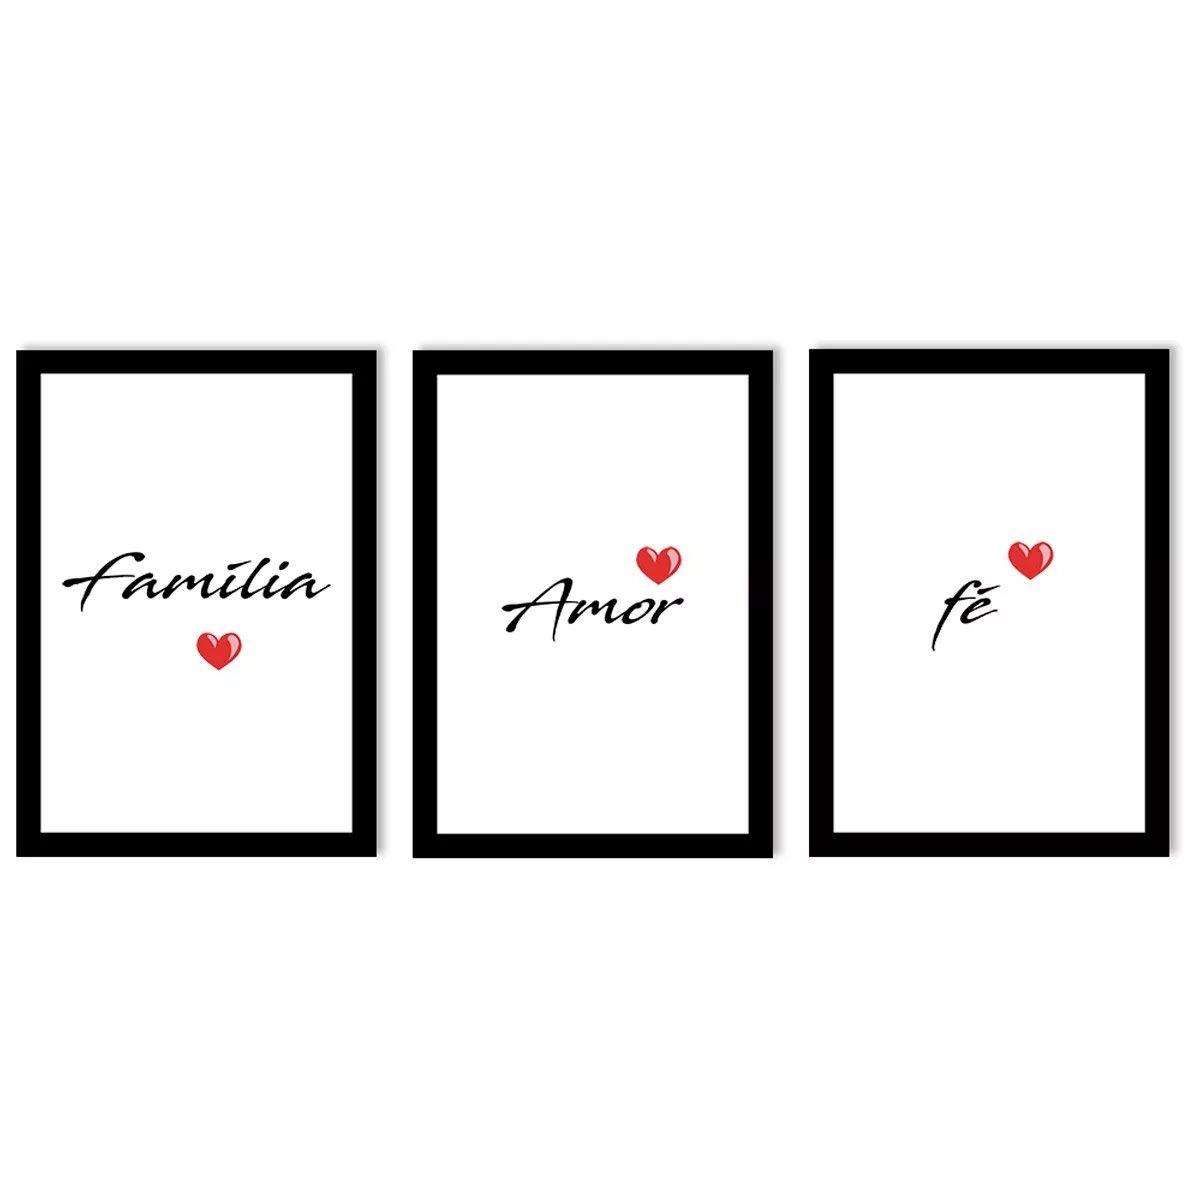 7301a7821 Maravilhoso Kit com 3 Quadros Decorativos Palavras Família Fé Gratidão com  coração vermelho para Sala Quarto